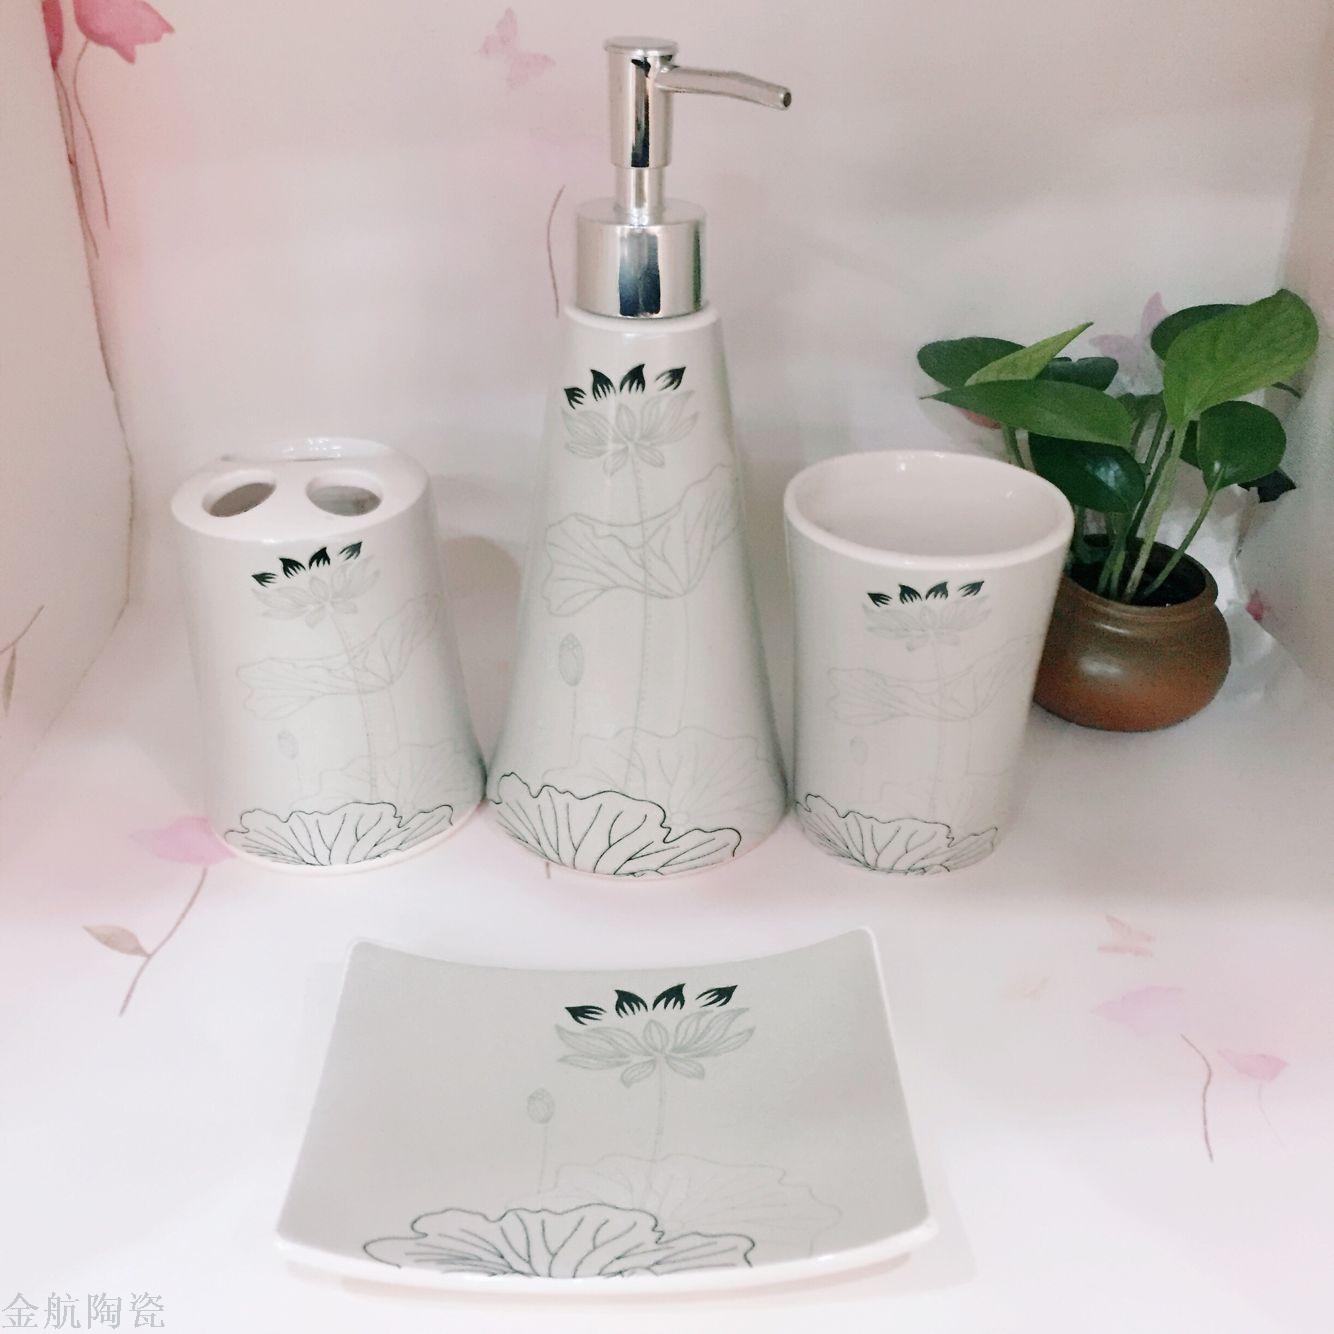 卫生间卫浴四件套 陶瓷洗漱用品图片